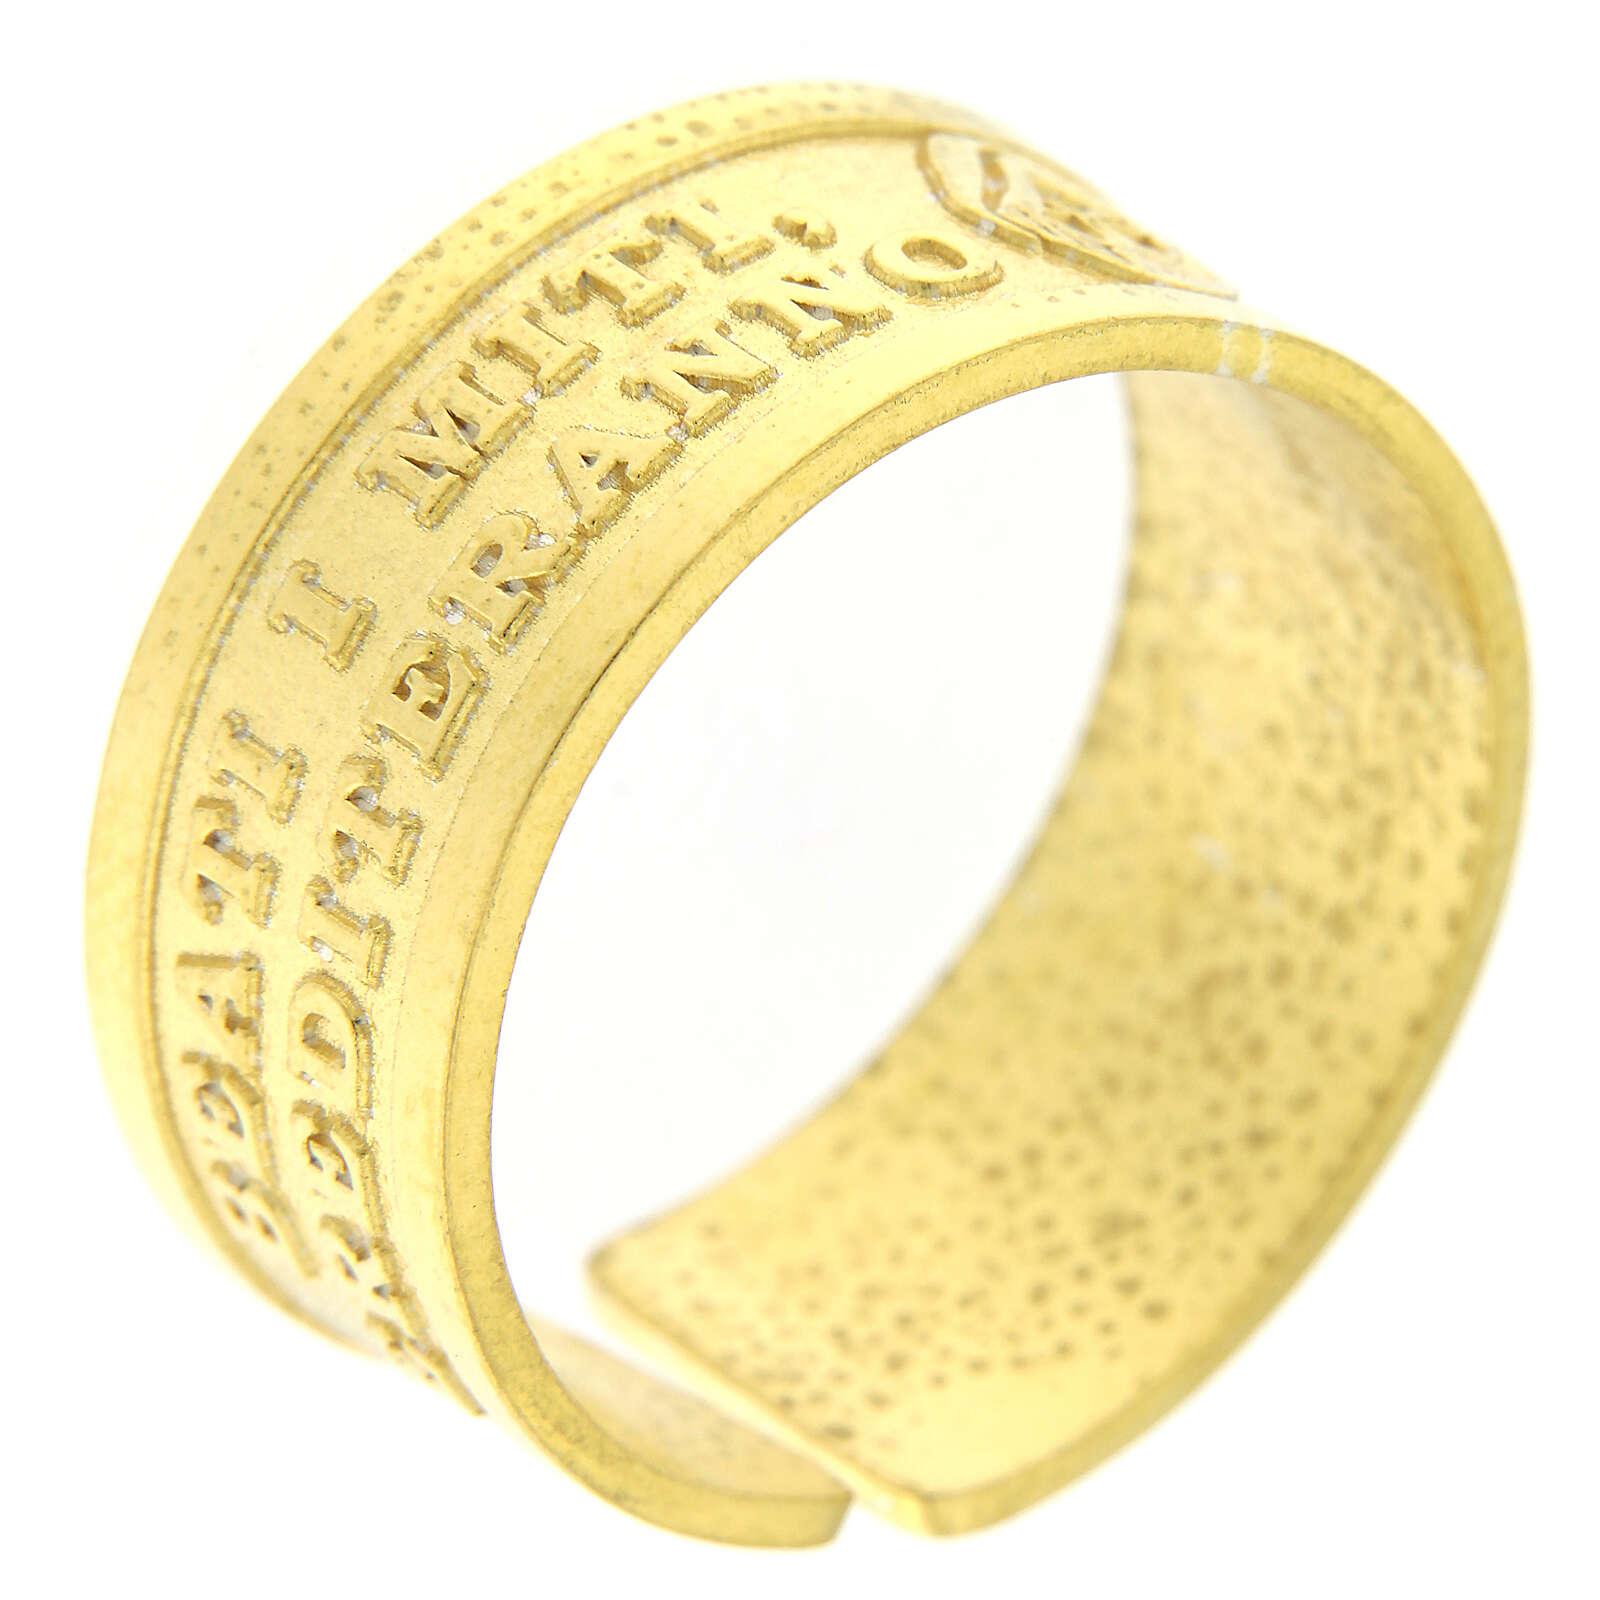 Bague réglable Heureux les humbles de coeur argent 925 doré 3